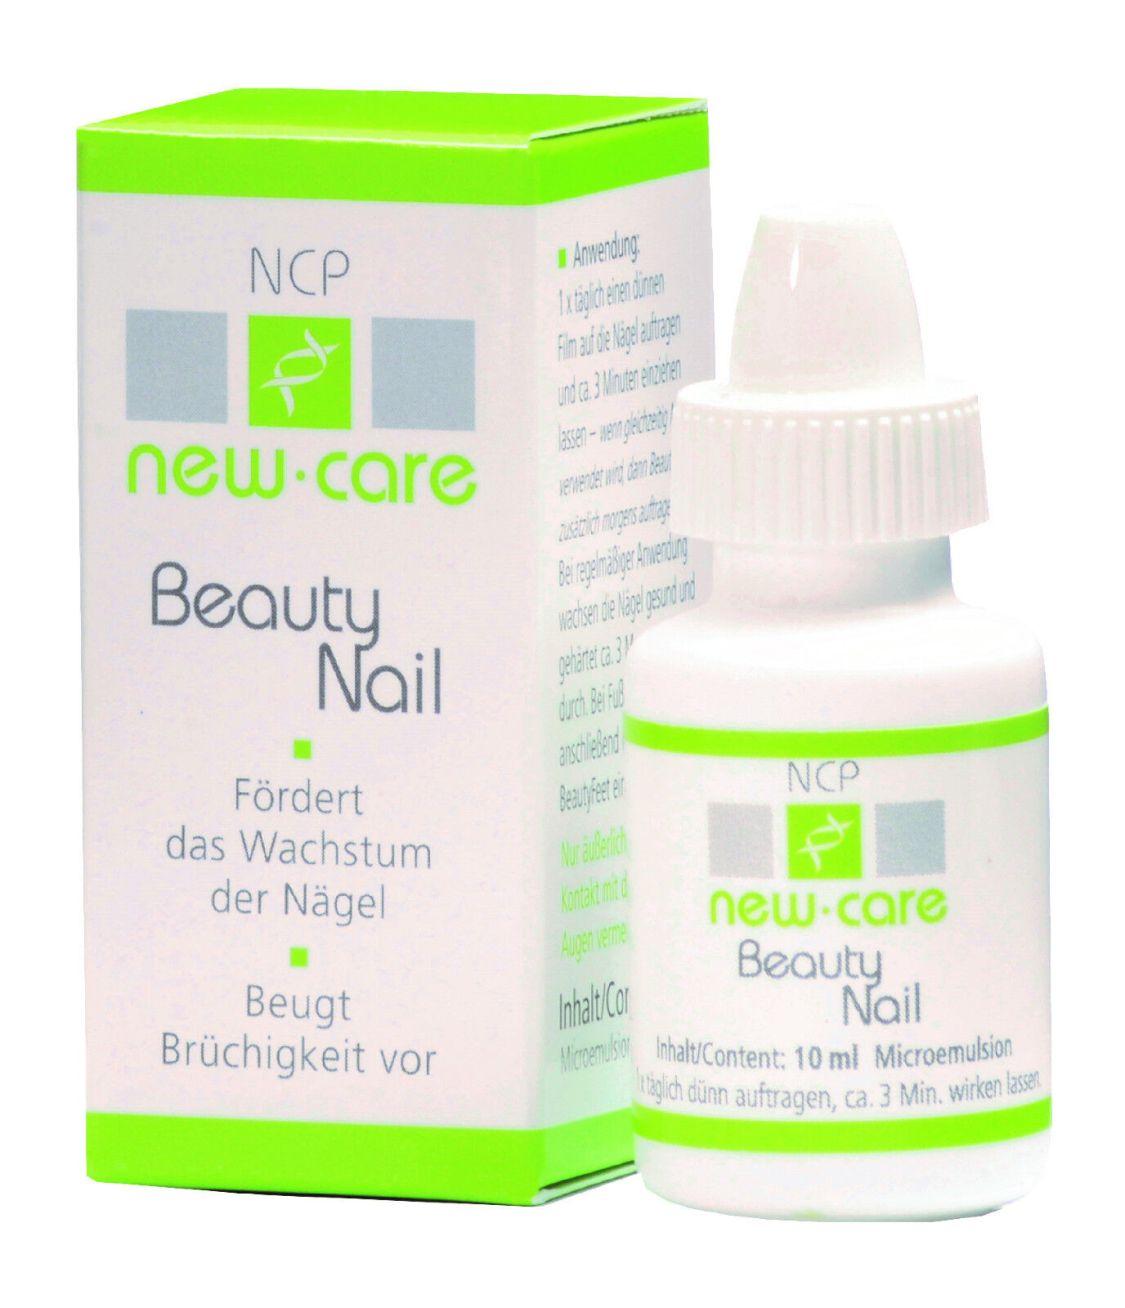 Nagelpilz NewCare BeautyNail die innovative Prophylaxe bei Nagelpilz und Fußpilz